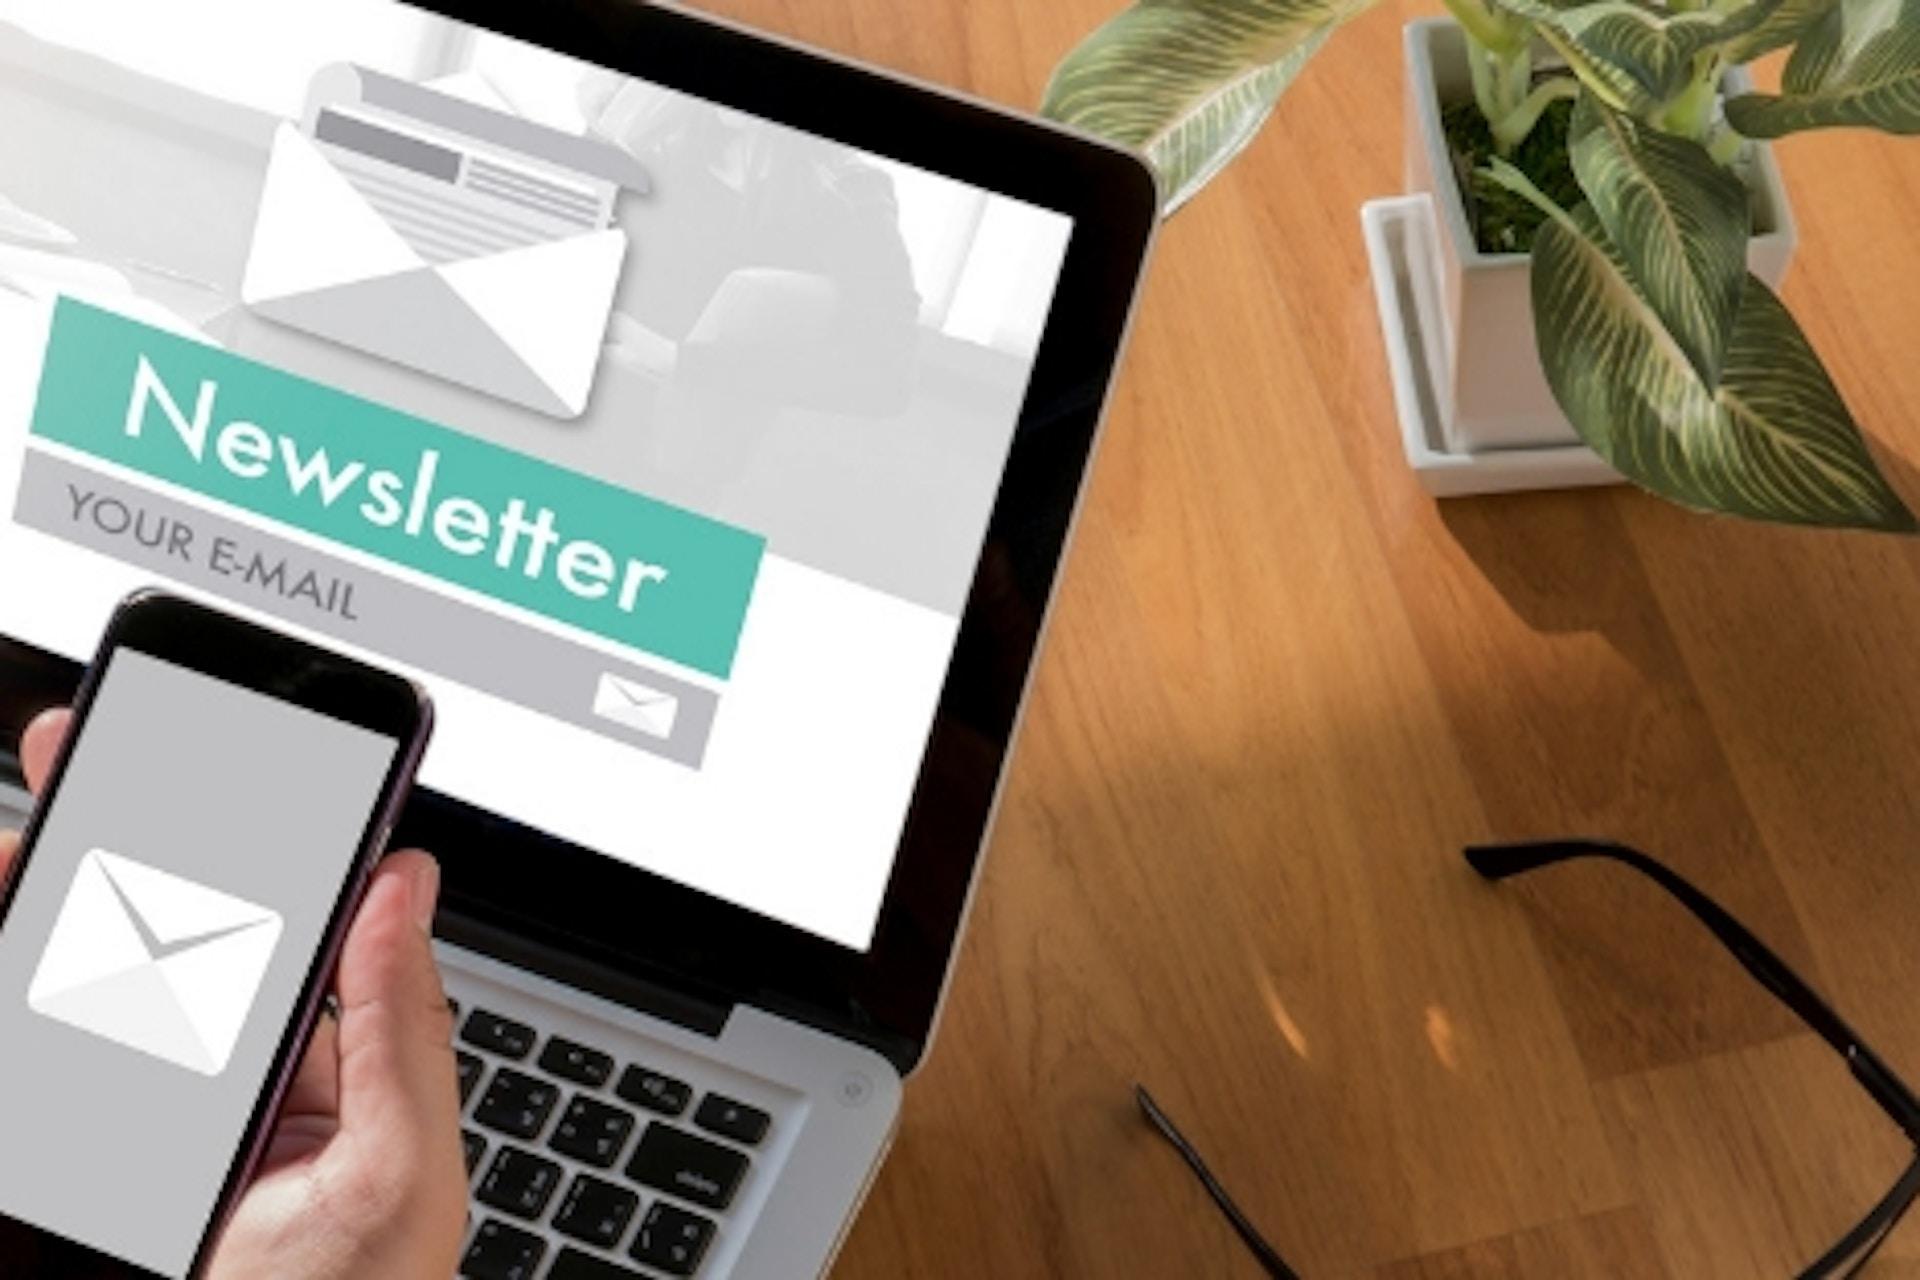 Foto Laptop und Smartphone auf Tisch mit Newsletter Screen Icons